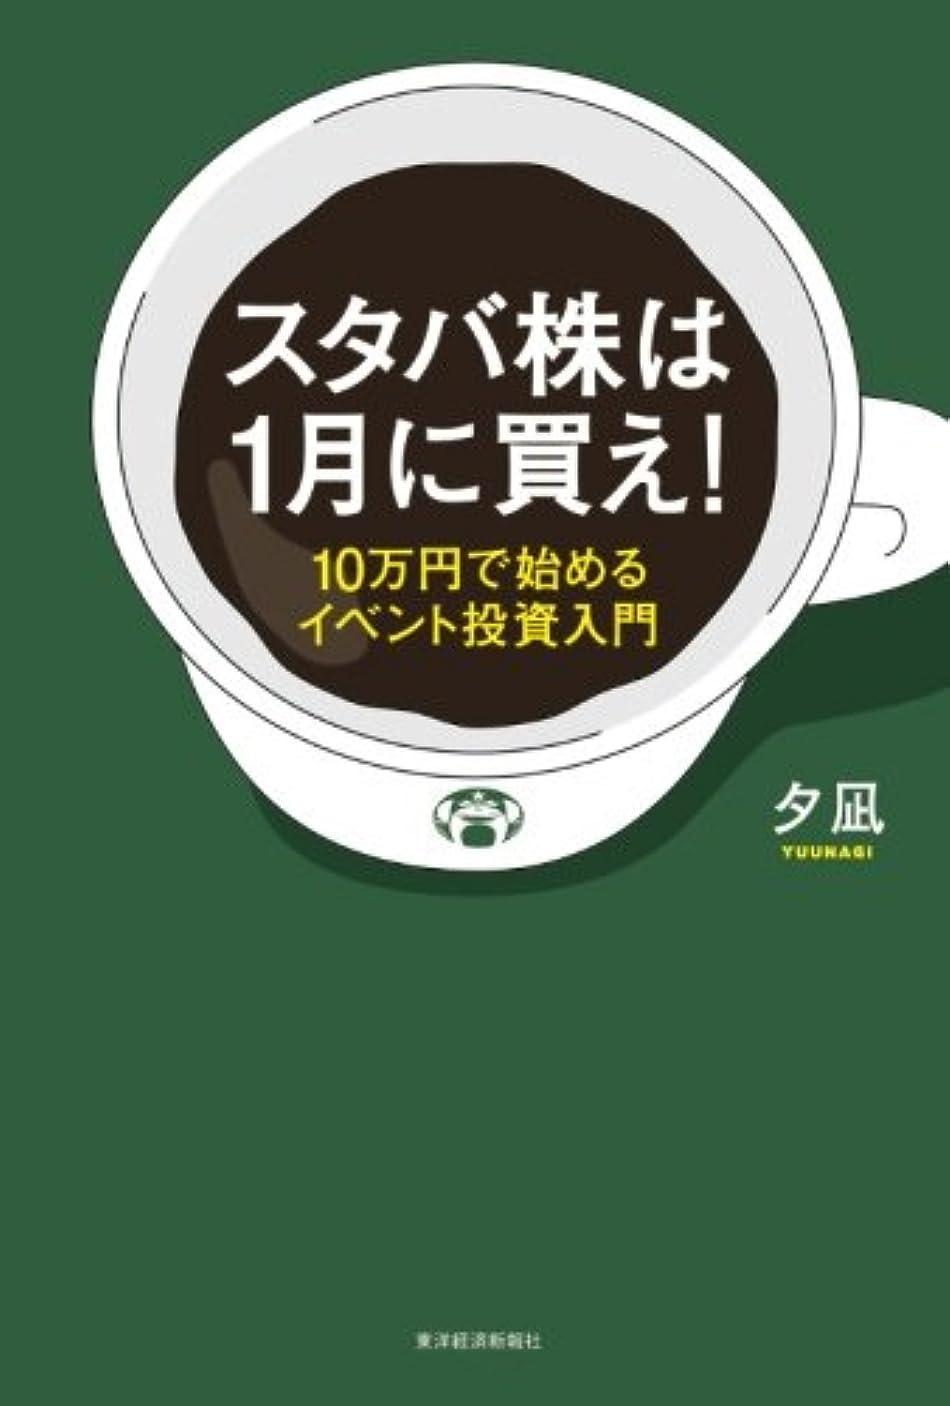 闇虫機動スタバ株は1月に買え!: 10万円で始めるイベント投資入門